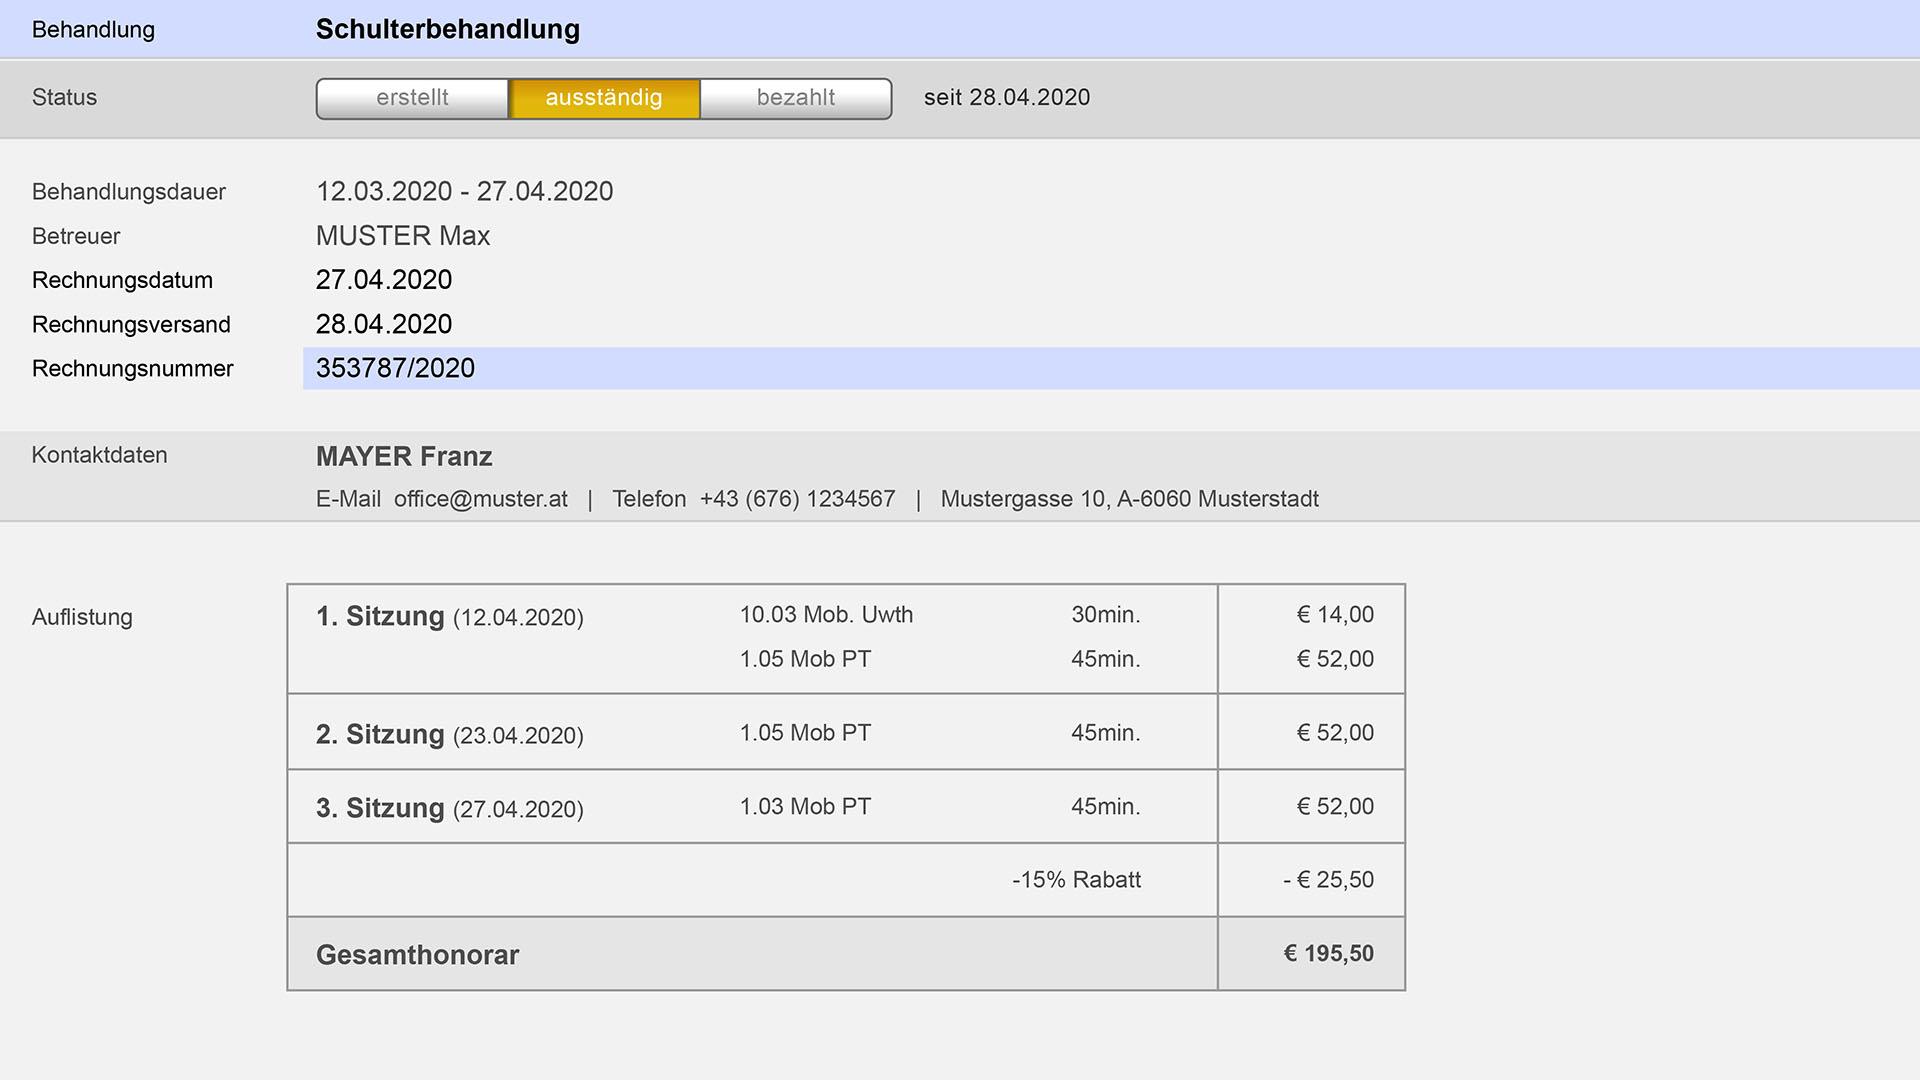 PDF Rechnung ohne Signatur ist erlaubt und macht Sinn